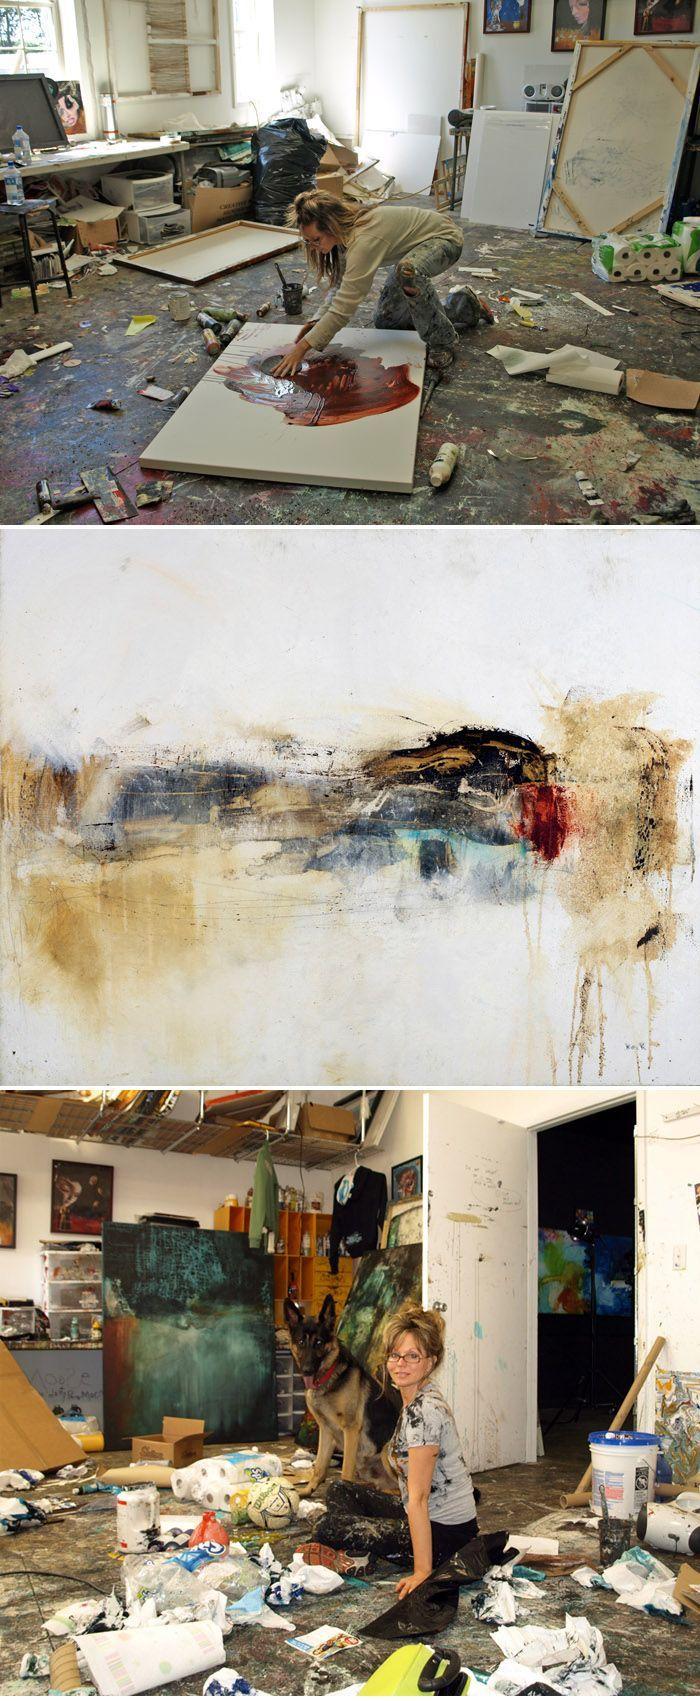 Michel Keck working in her studio